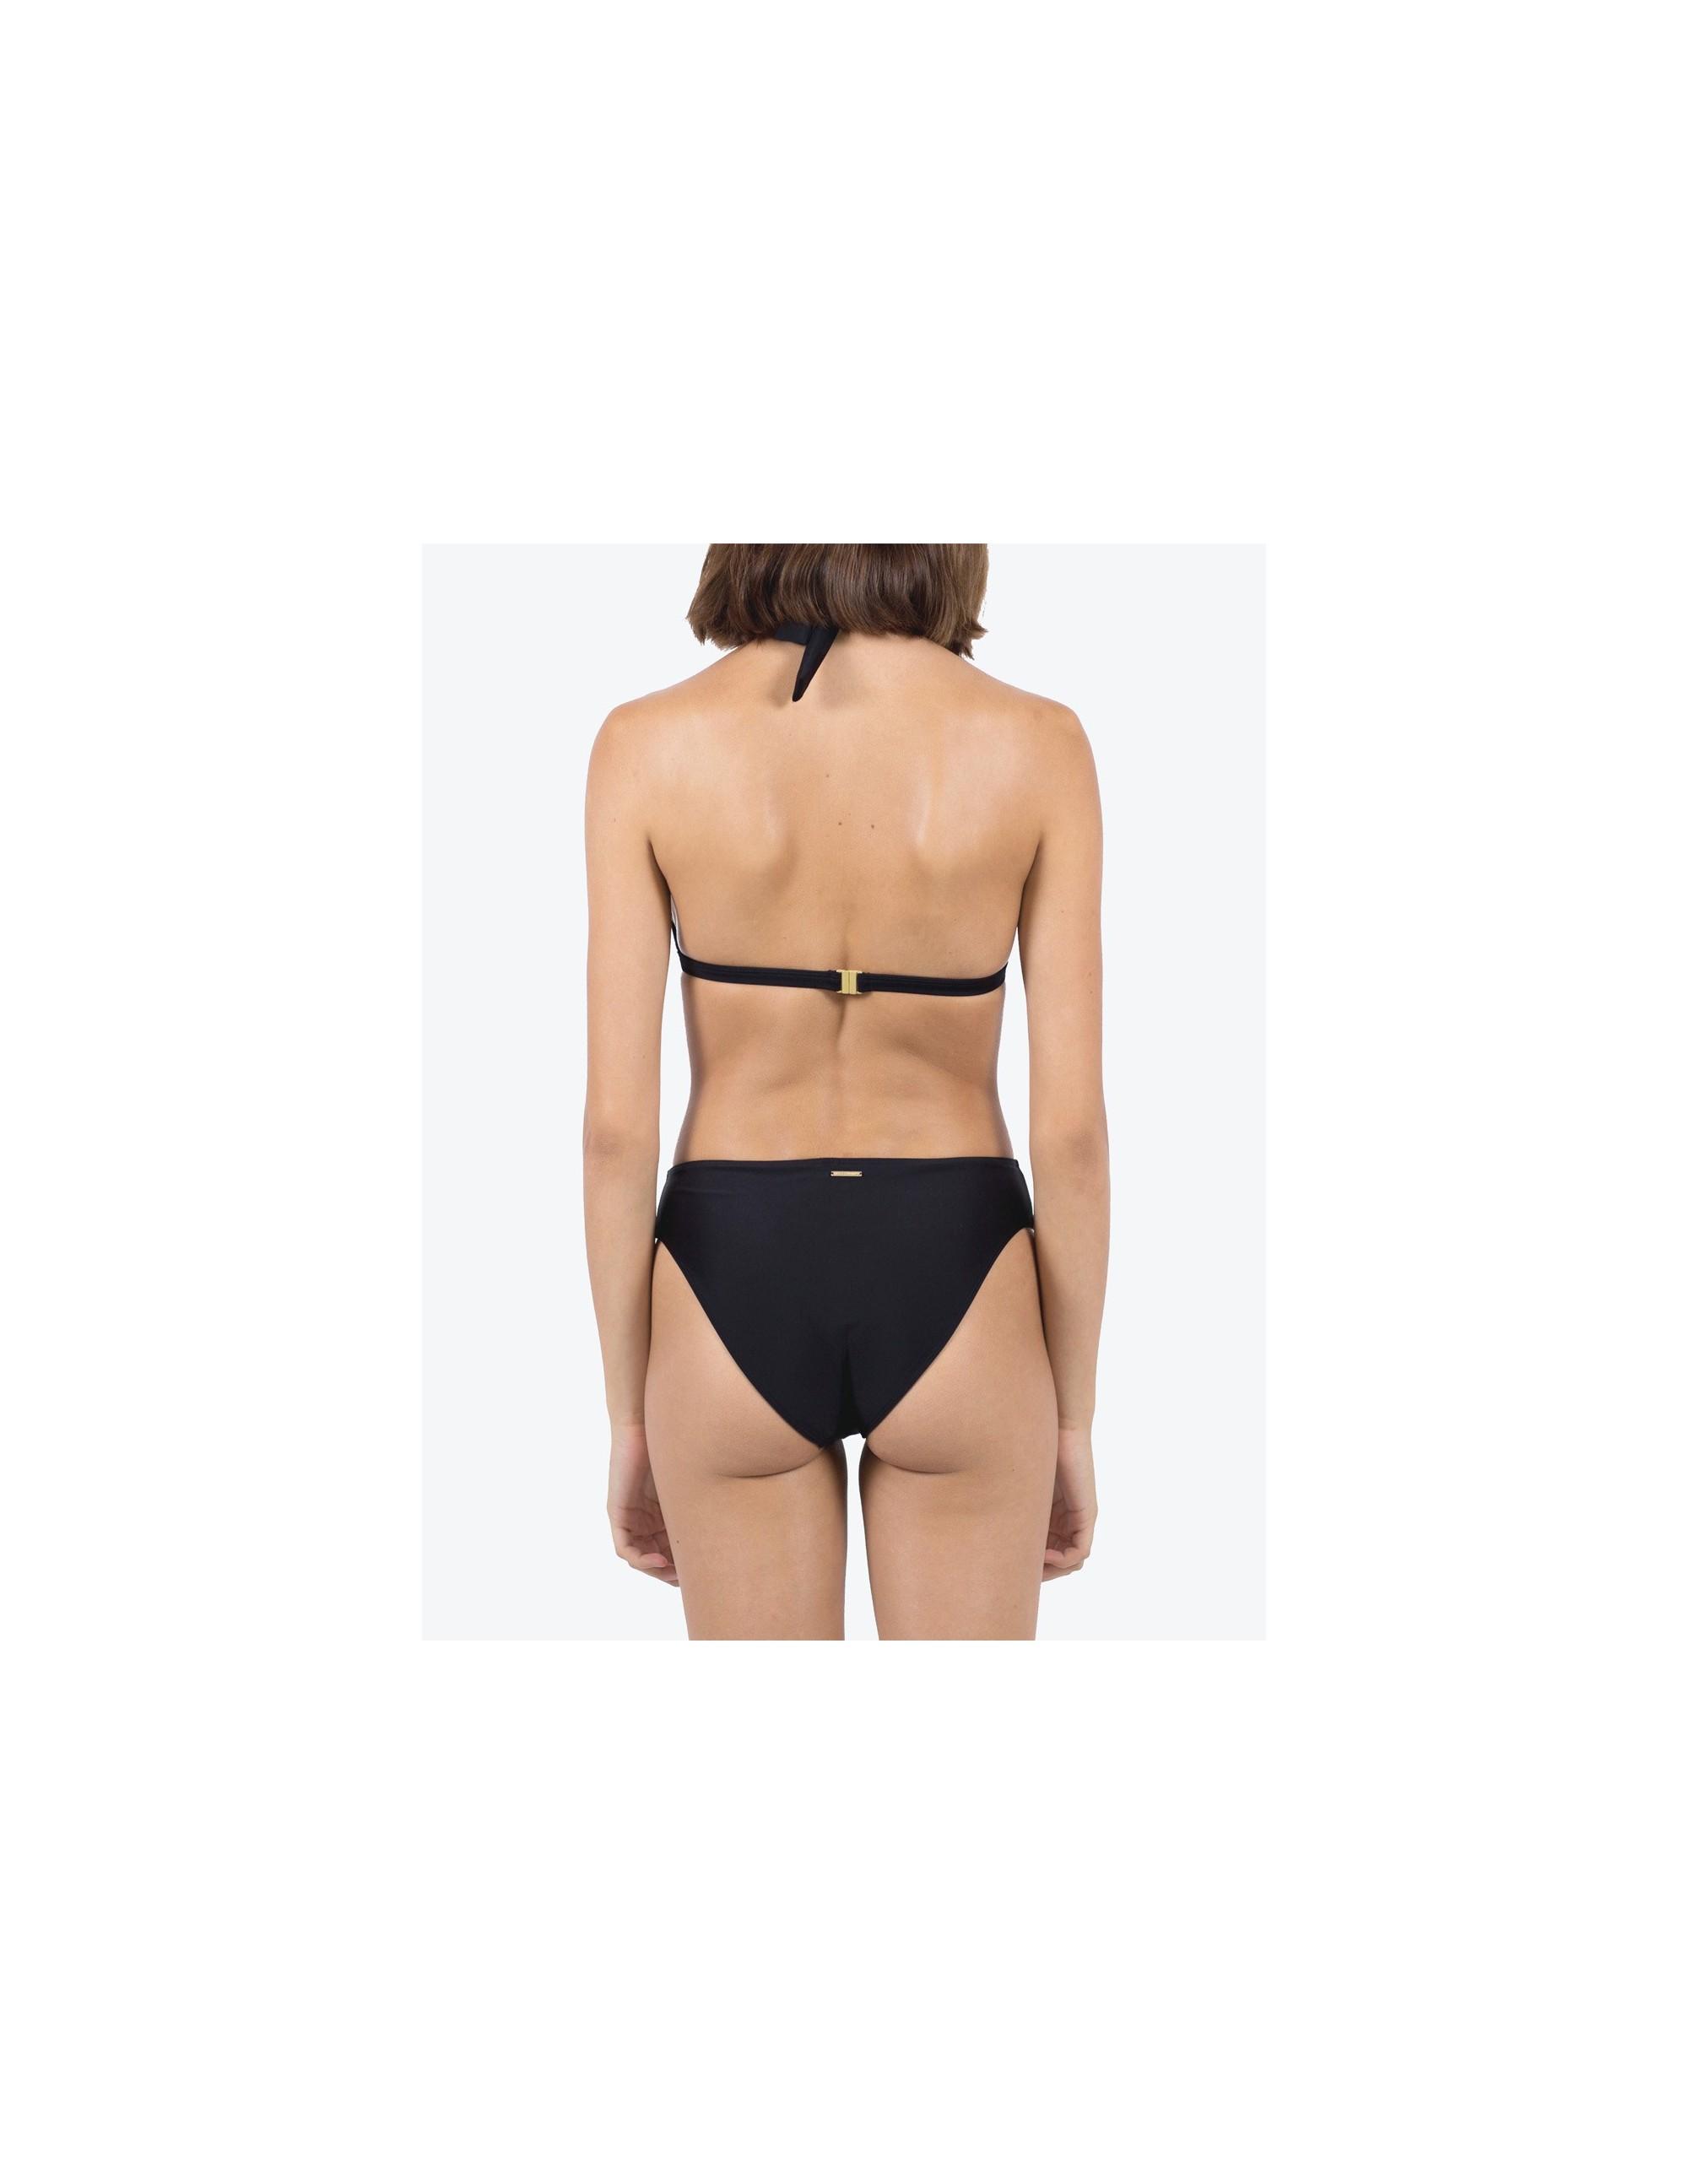 VAI bikini bottom - MATTE BLACK